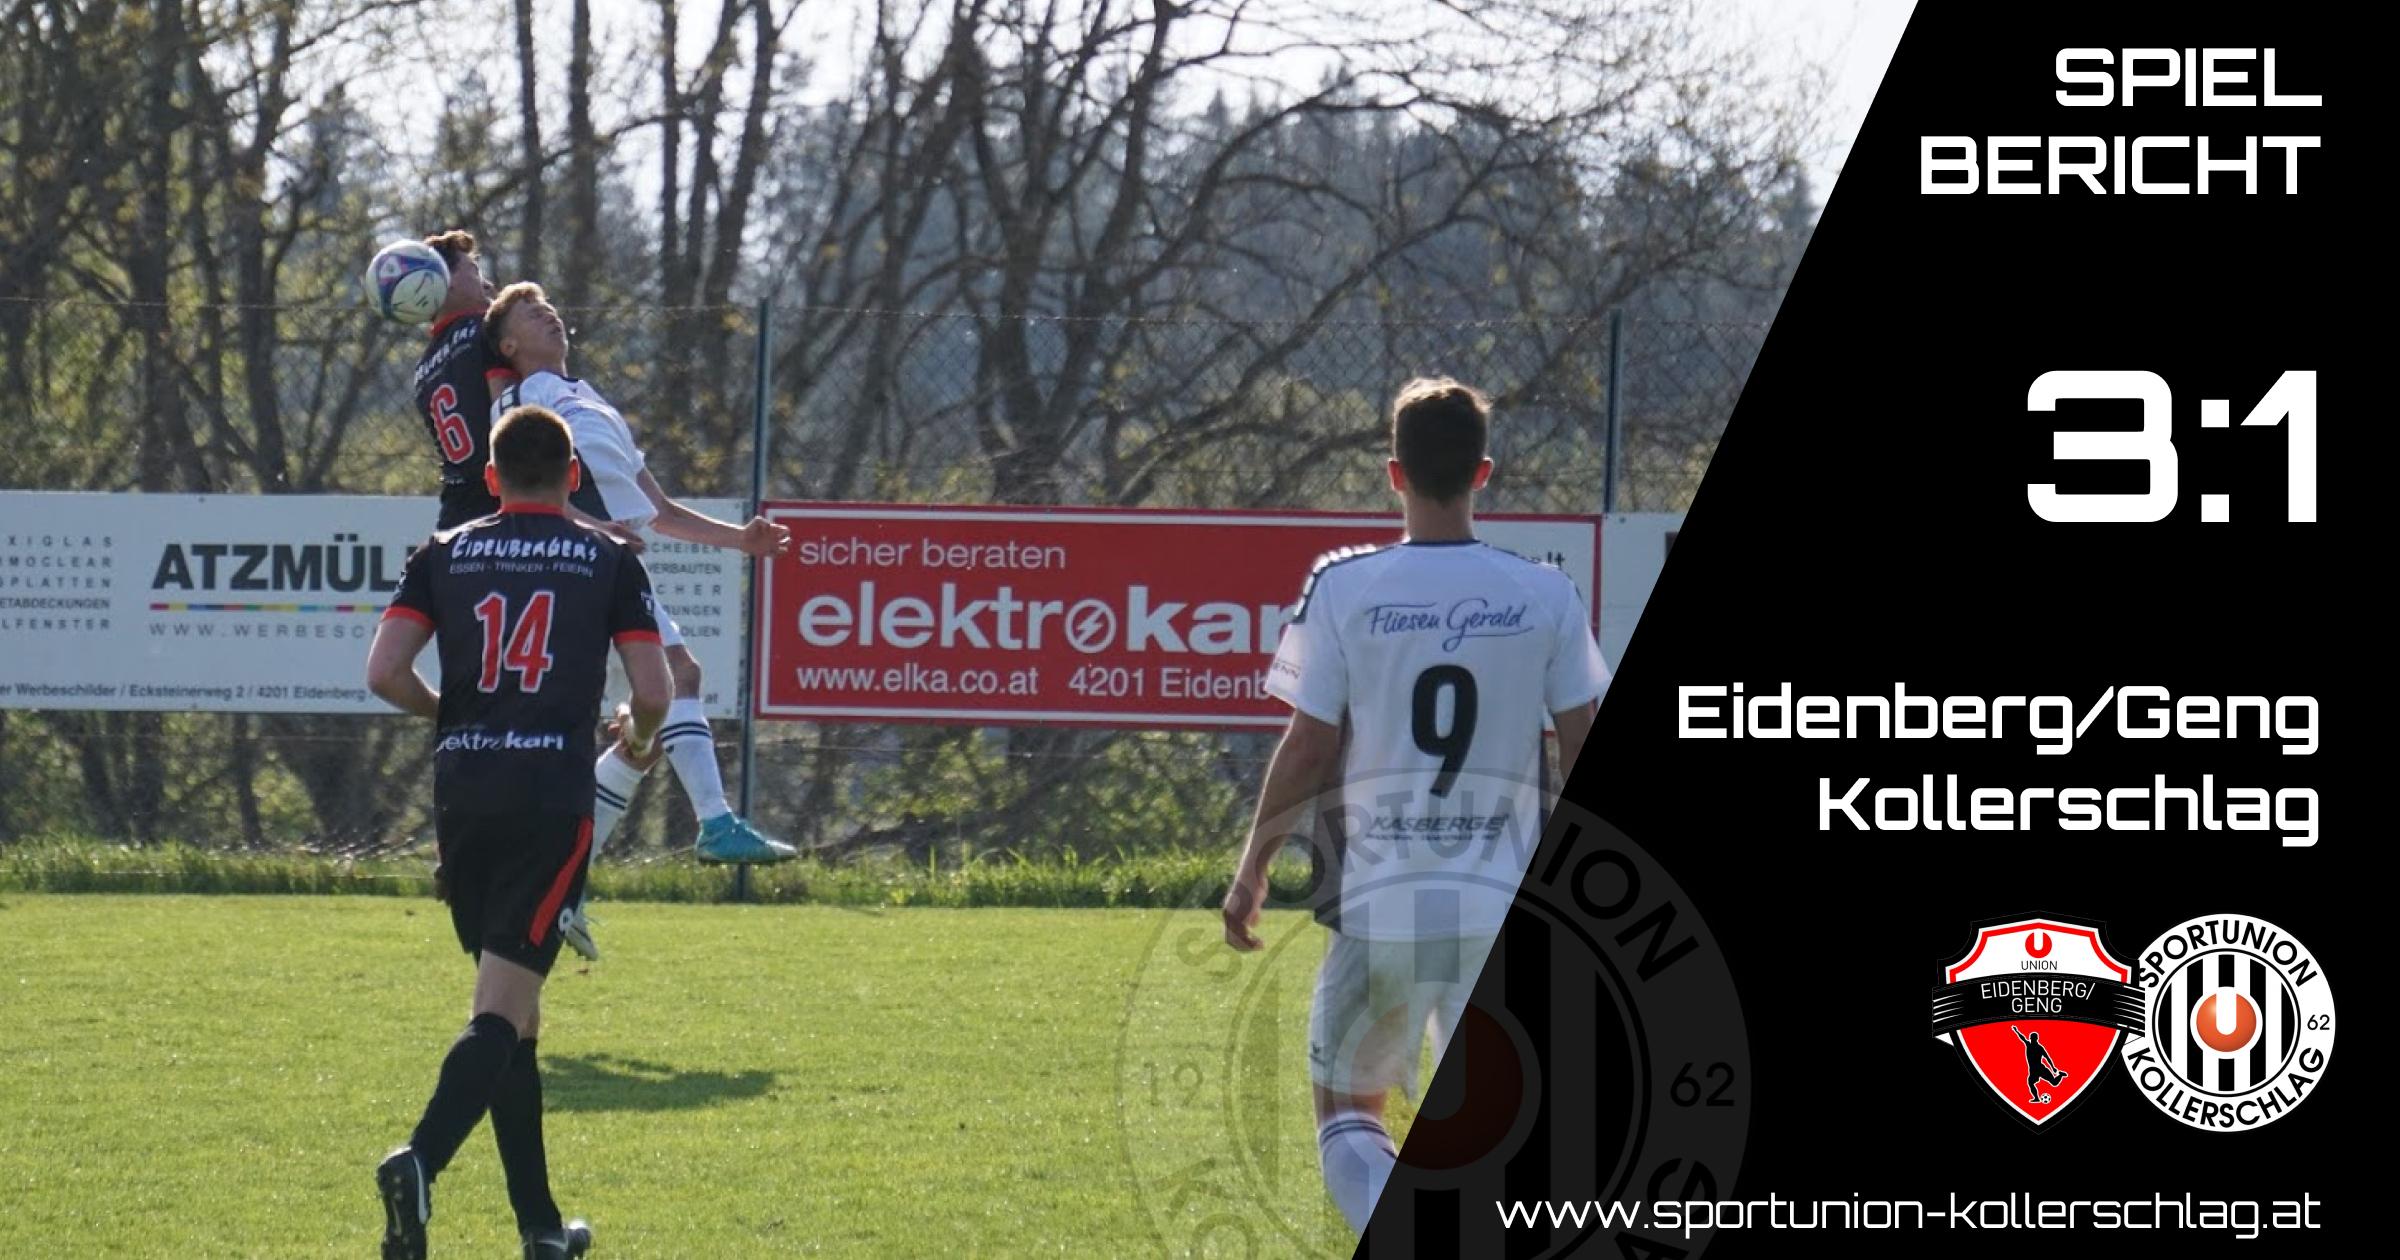 Trotz bester Chancen verliert unsere Mannschaft in Eidenberg/Geng mit 3:1